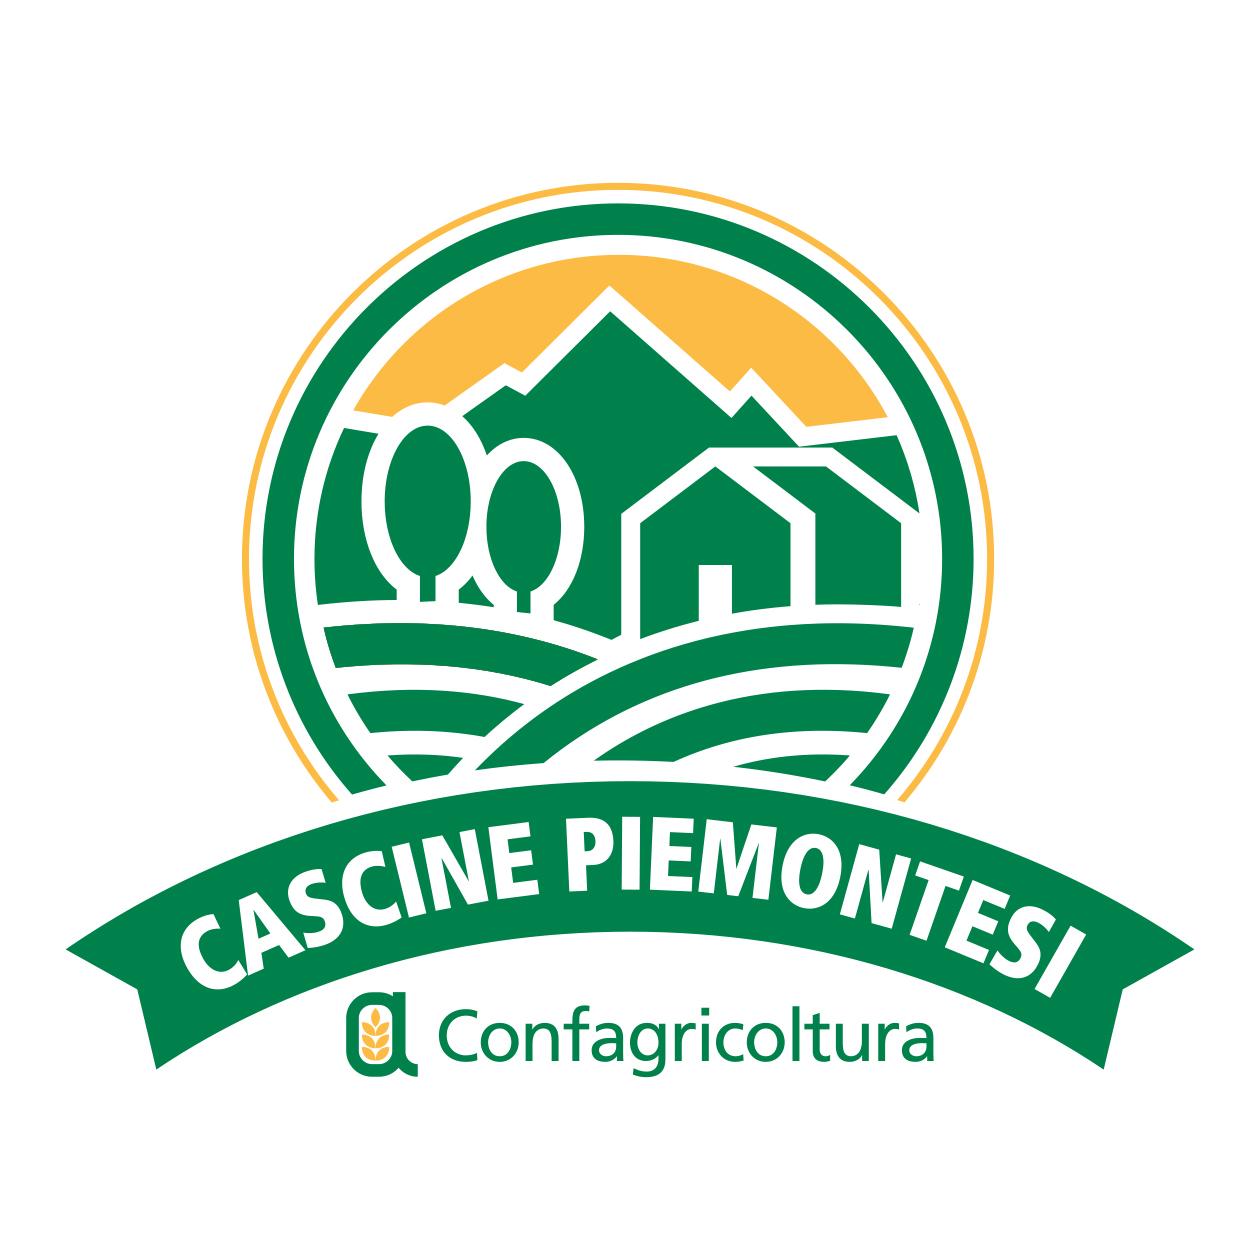 CASCINE-PIEMONTESI_logo_quadrato